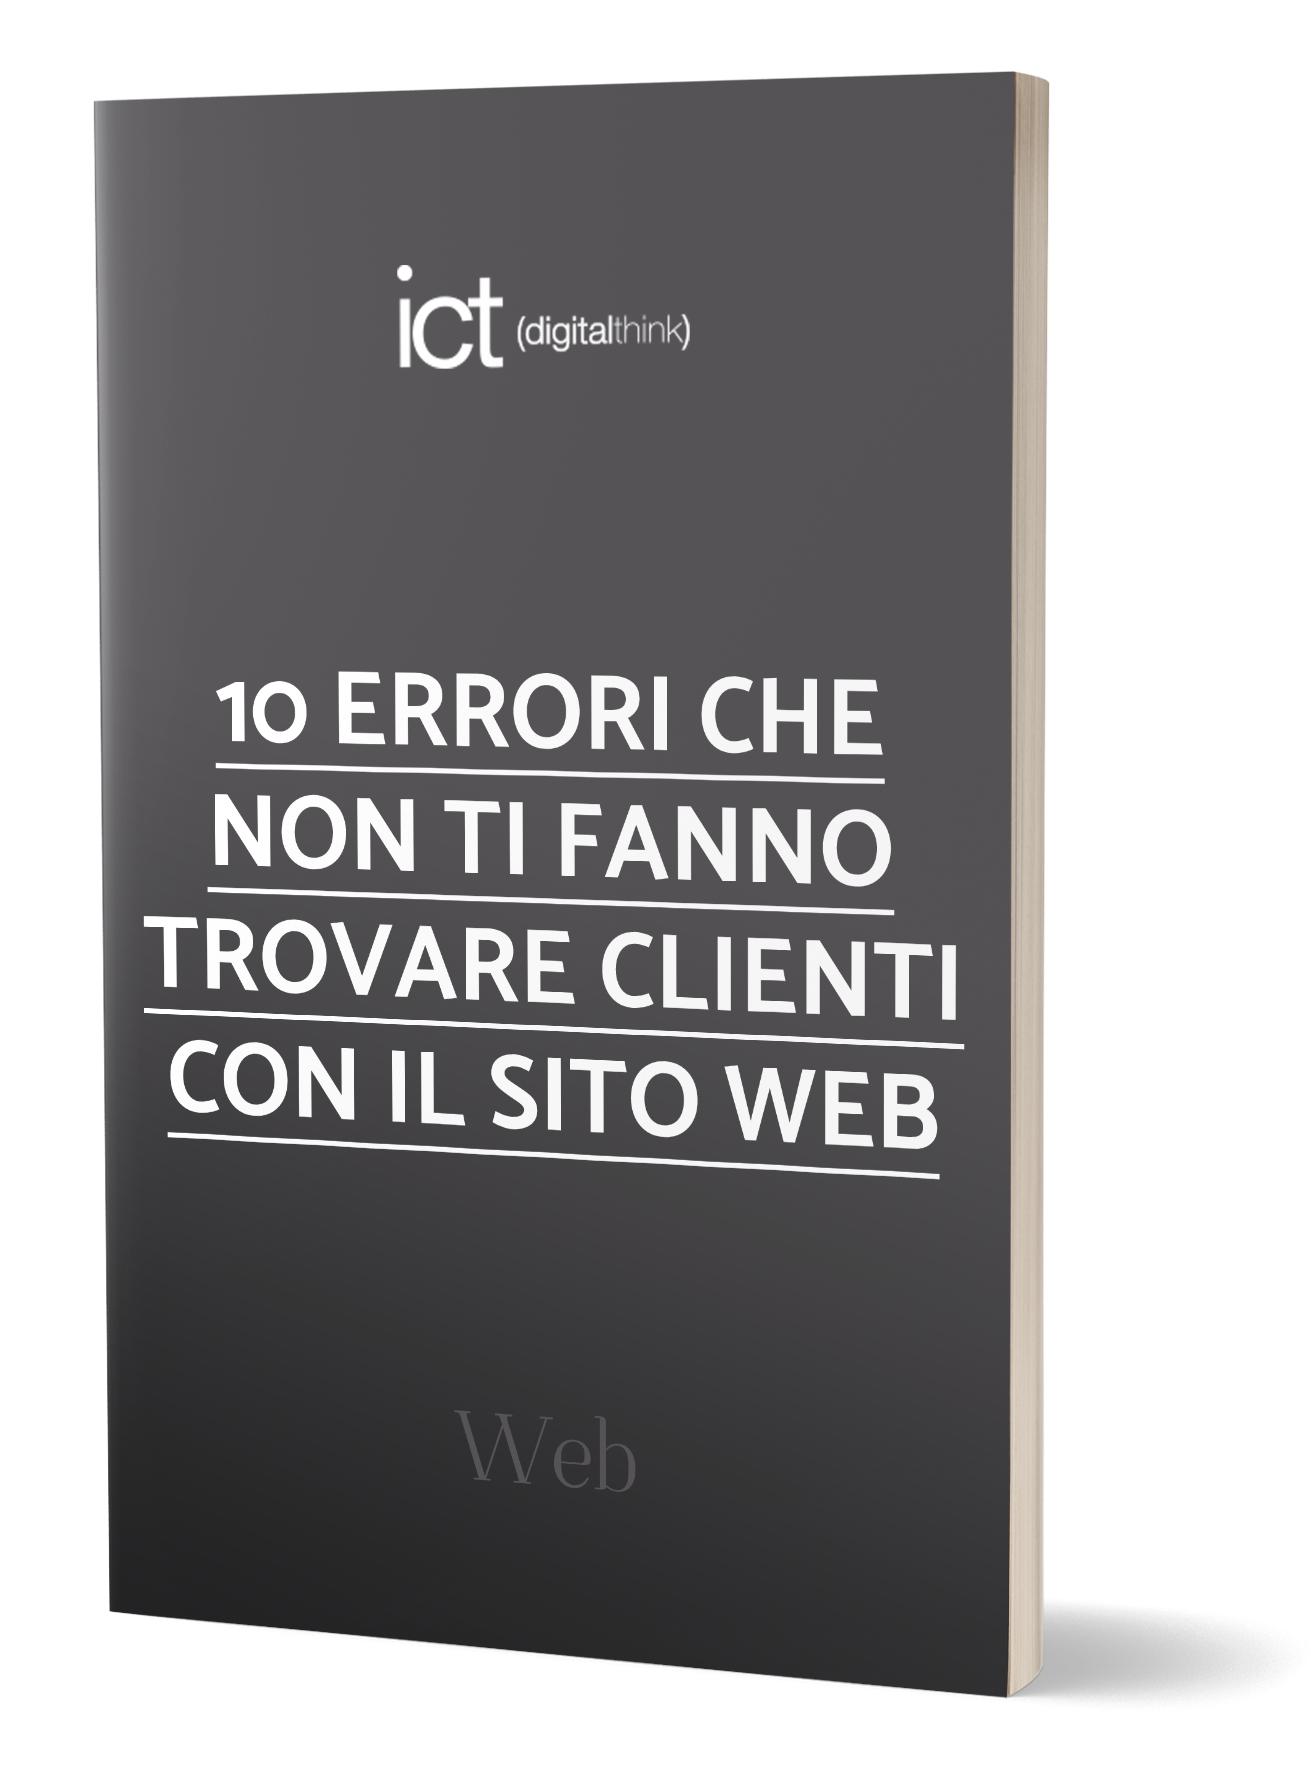 10 ERRORI CHE NON TI FANNO TROVARE CLIENTI CON IL TUO SITO WEB